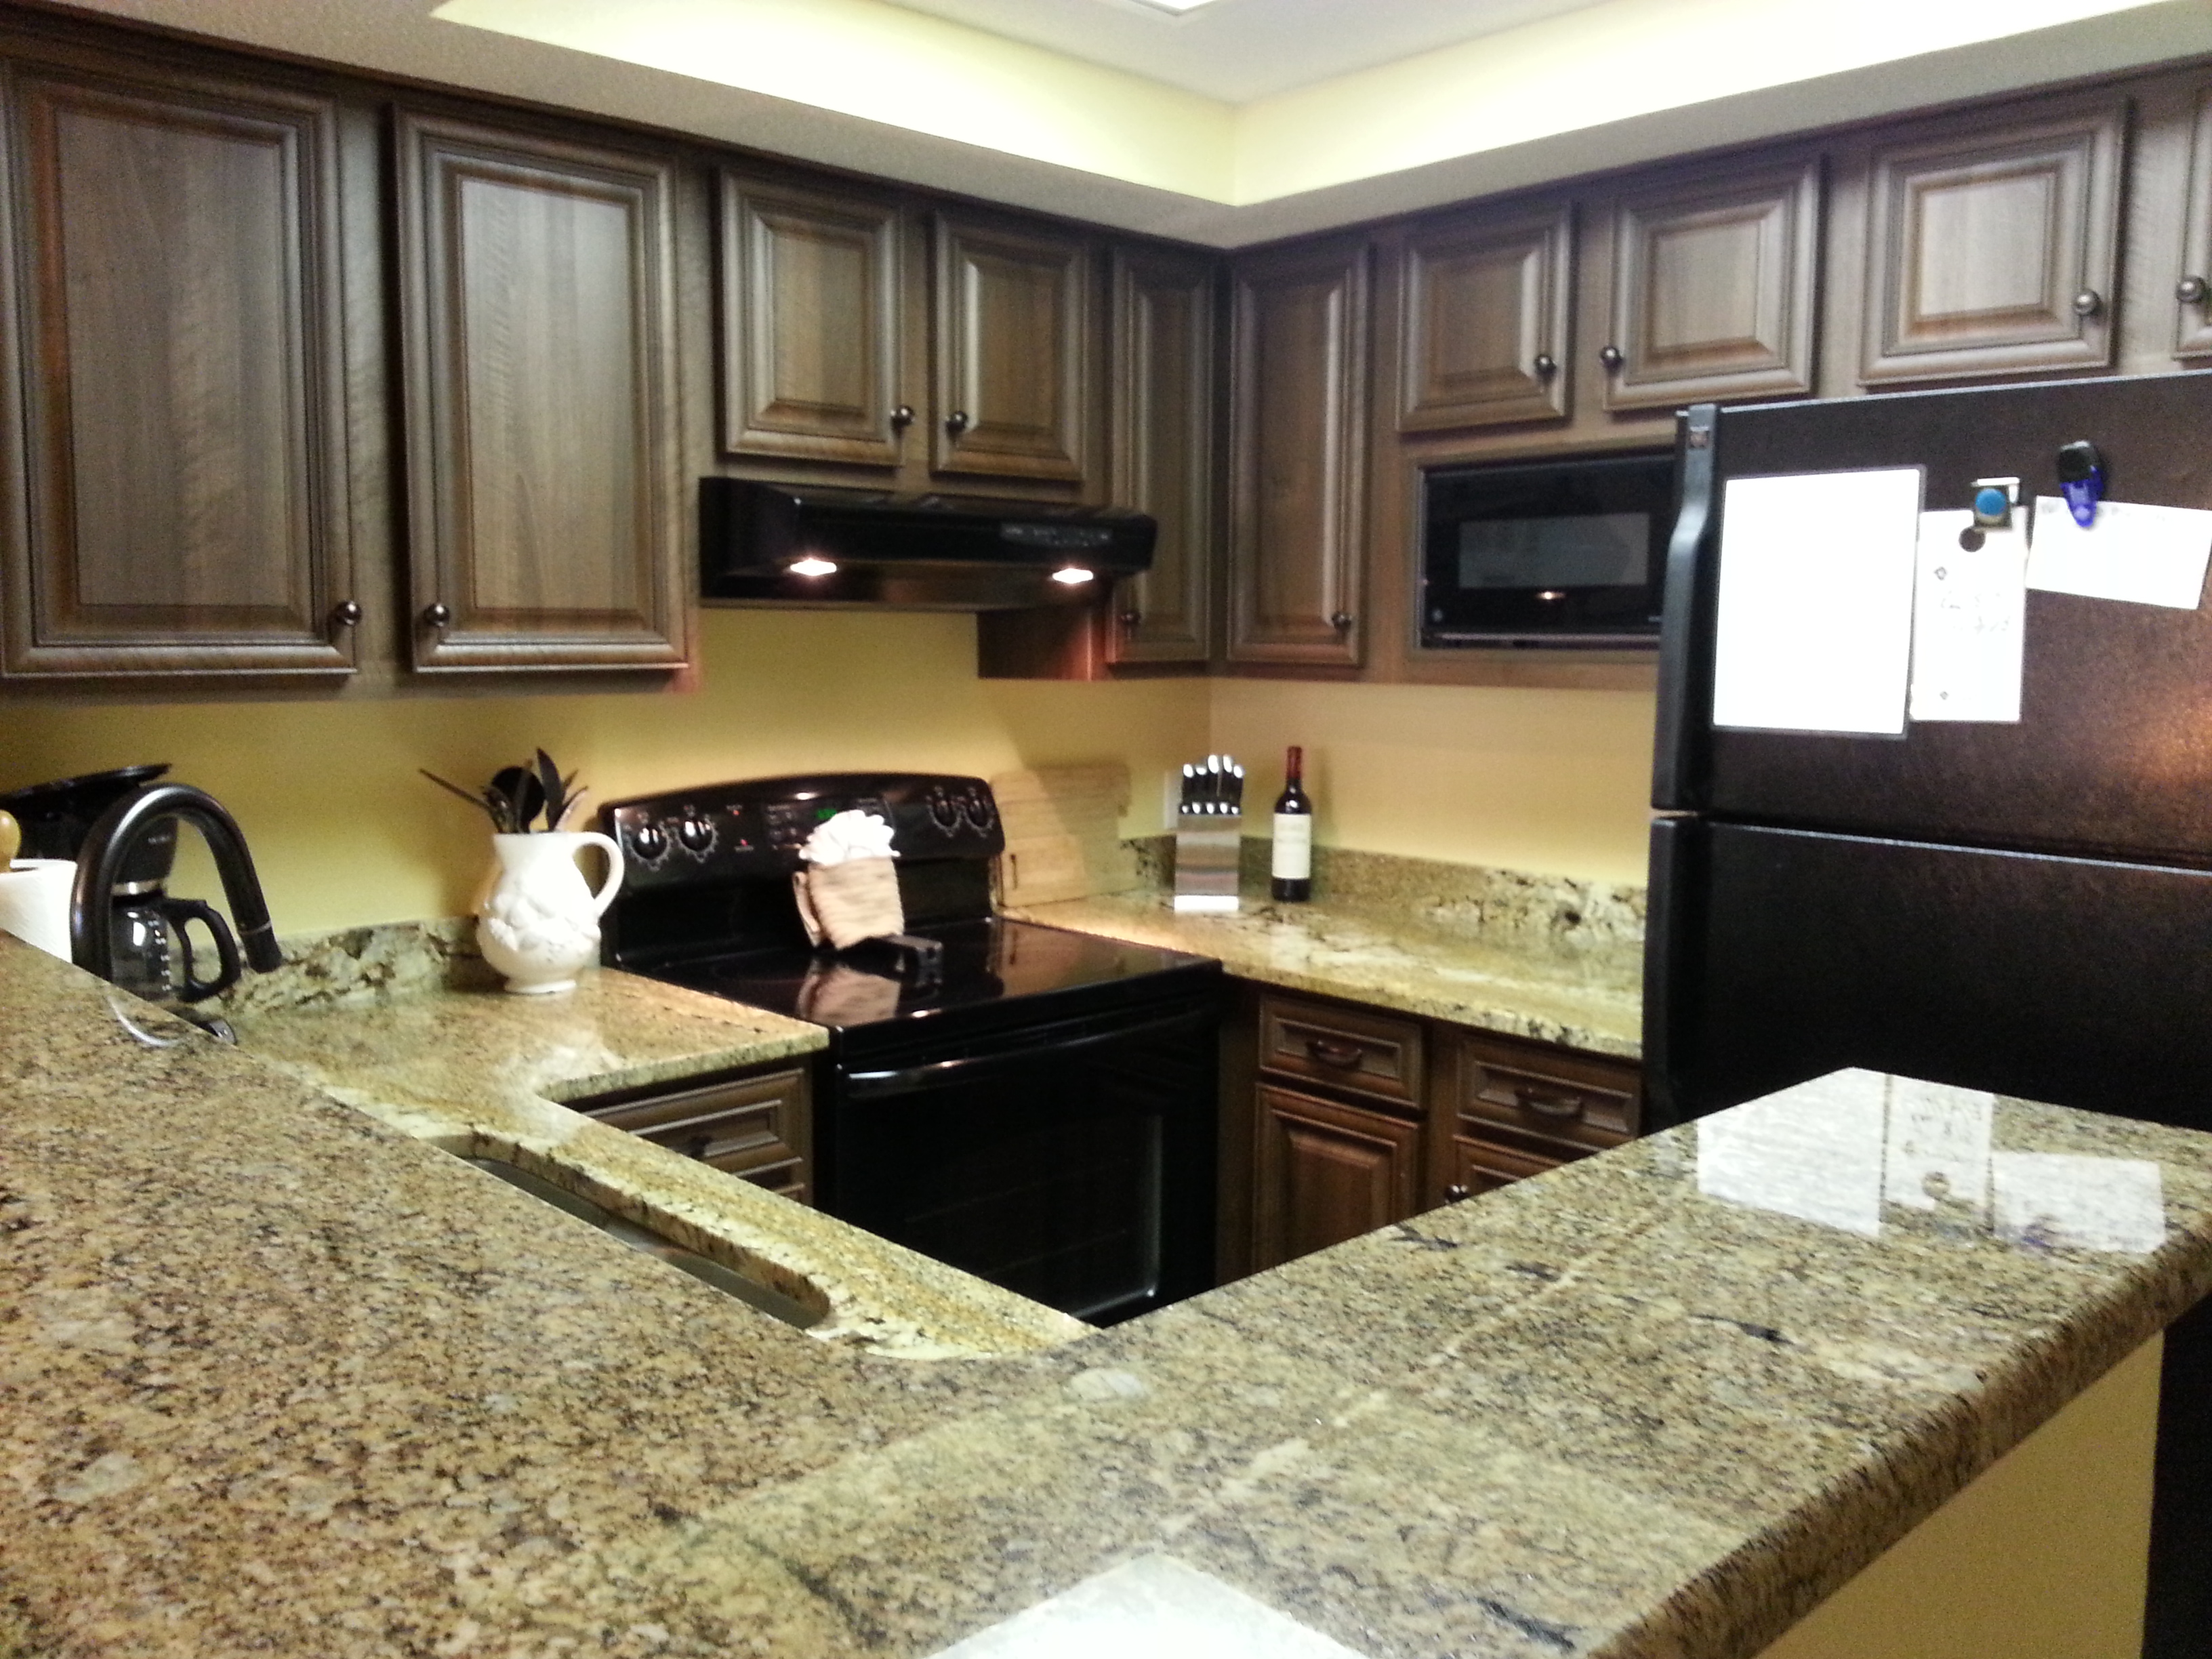 2 Bedroom CondoMyrtle Beach Vacation Rental   Getways. 2 Bedroom Condo For Rent Myrtle Beach. Home Design Ideas